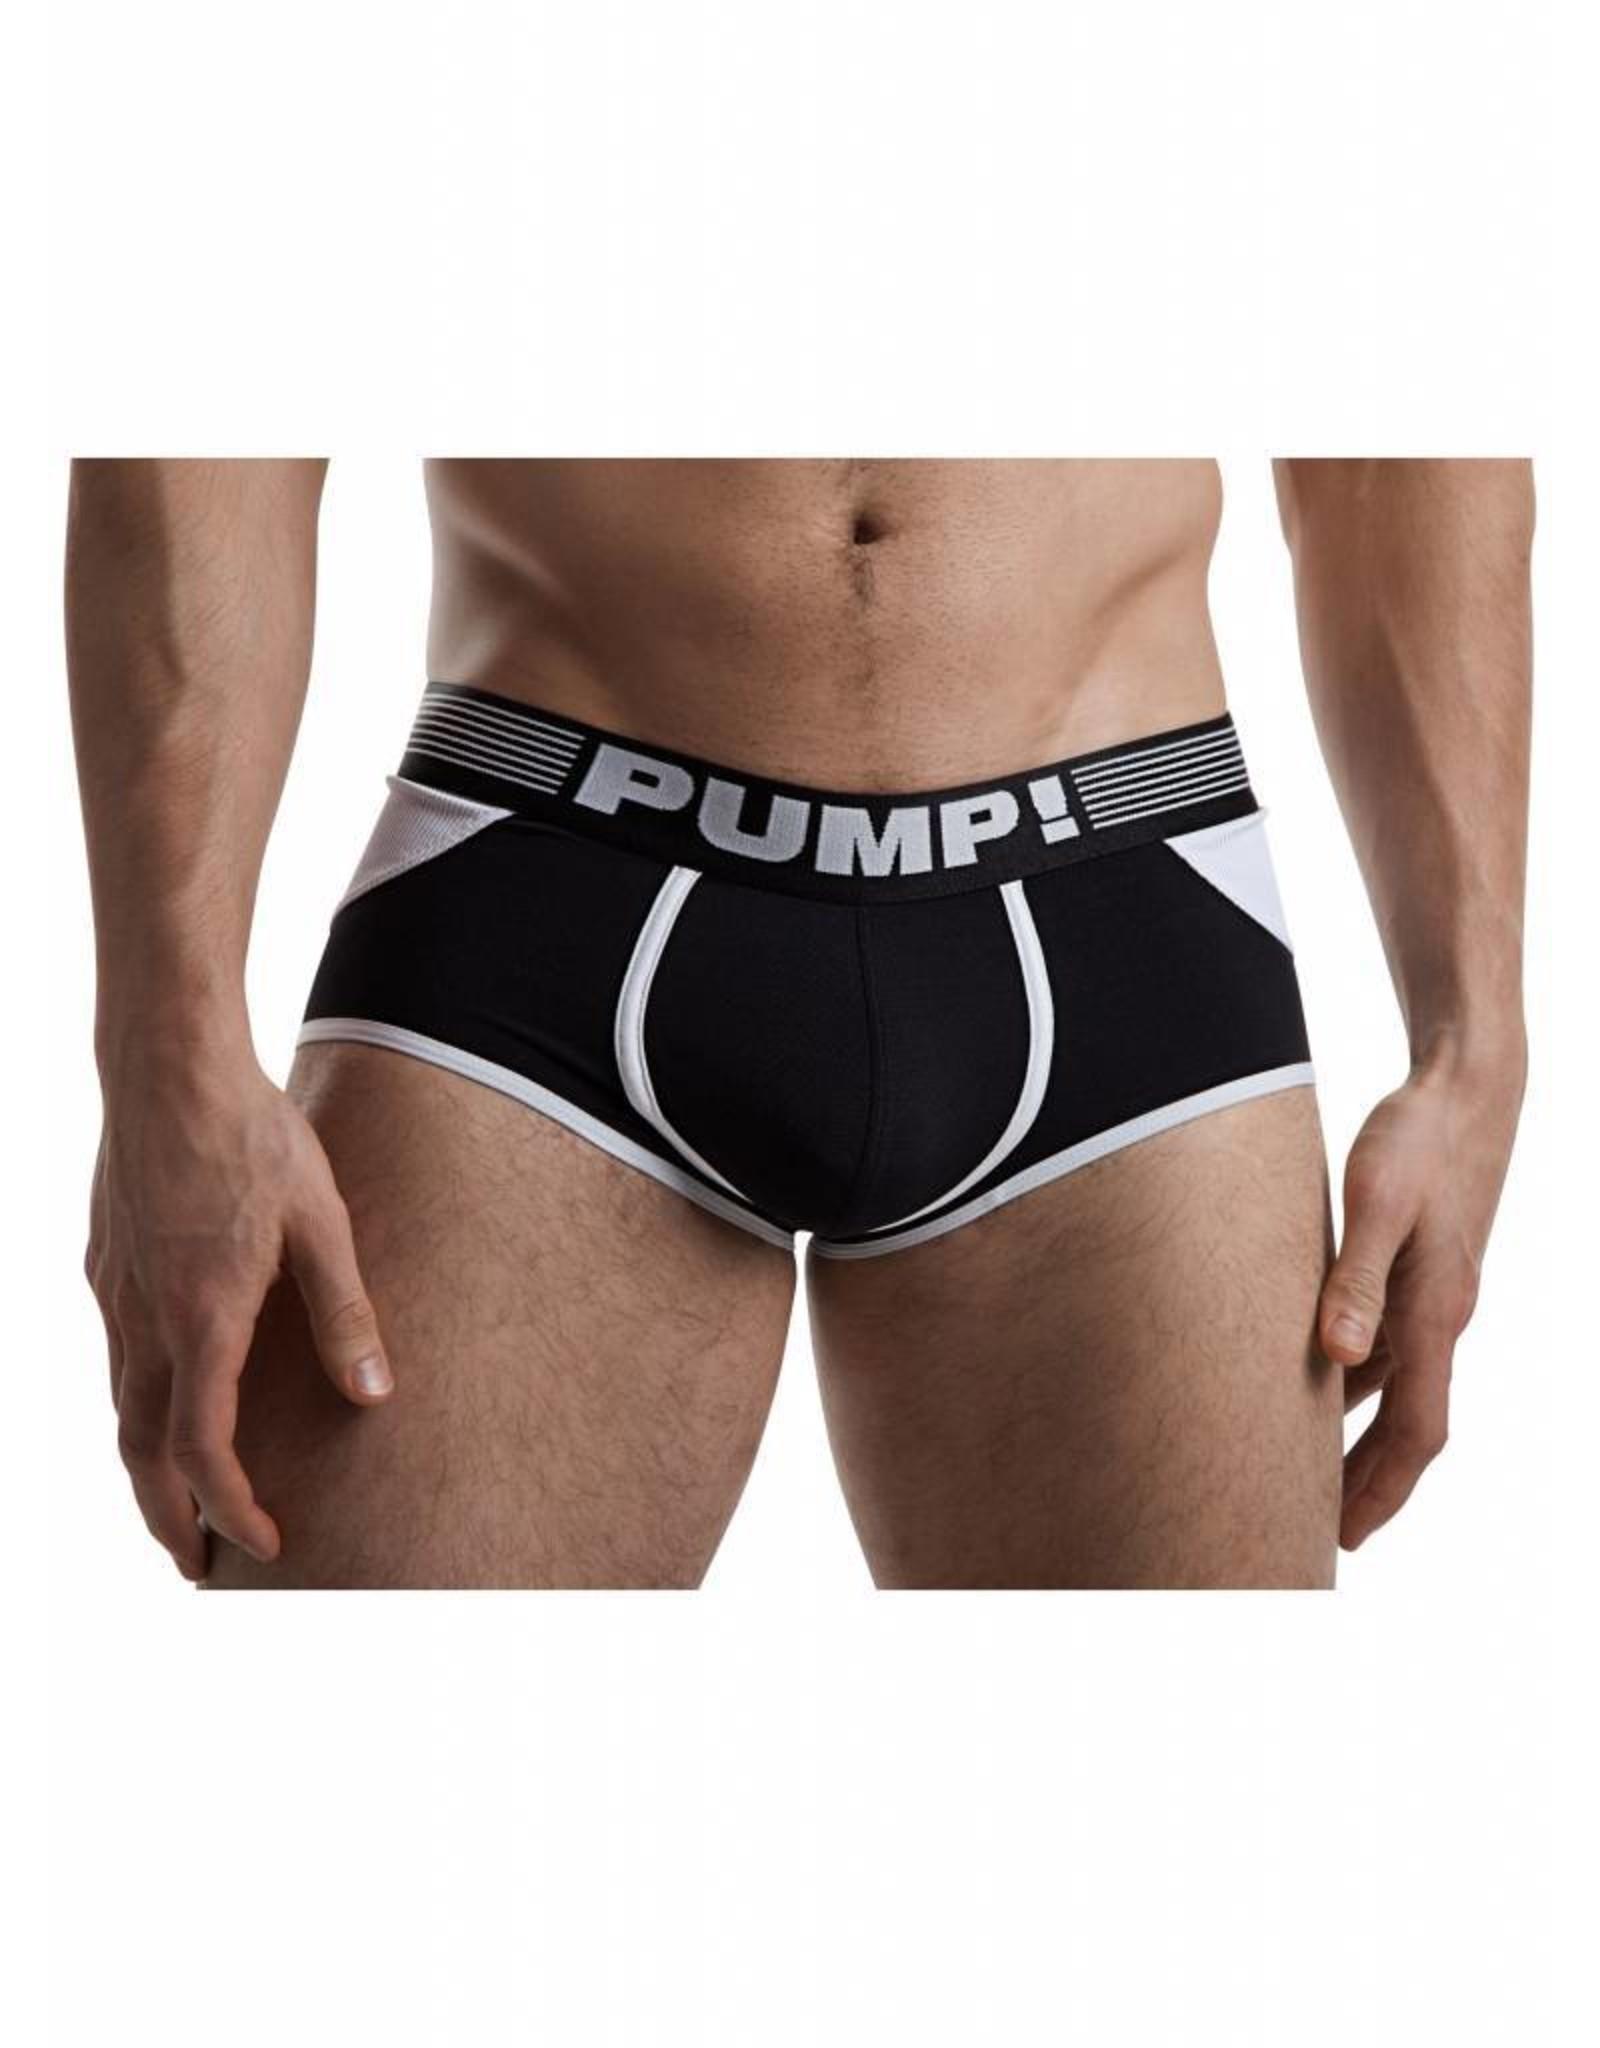 PUMP! PUMP! Access Trunk noir